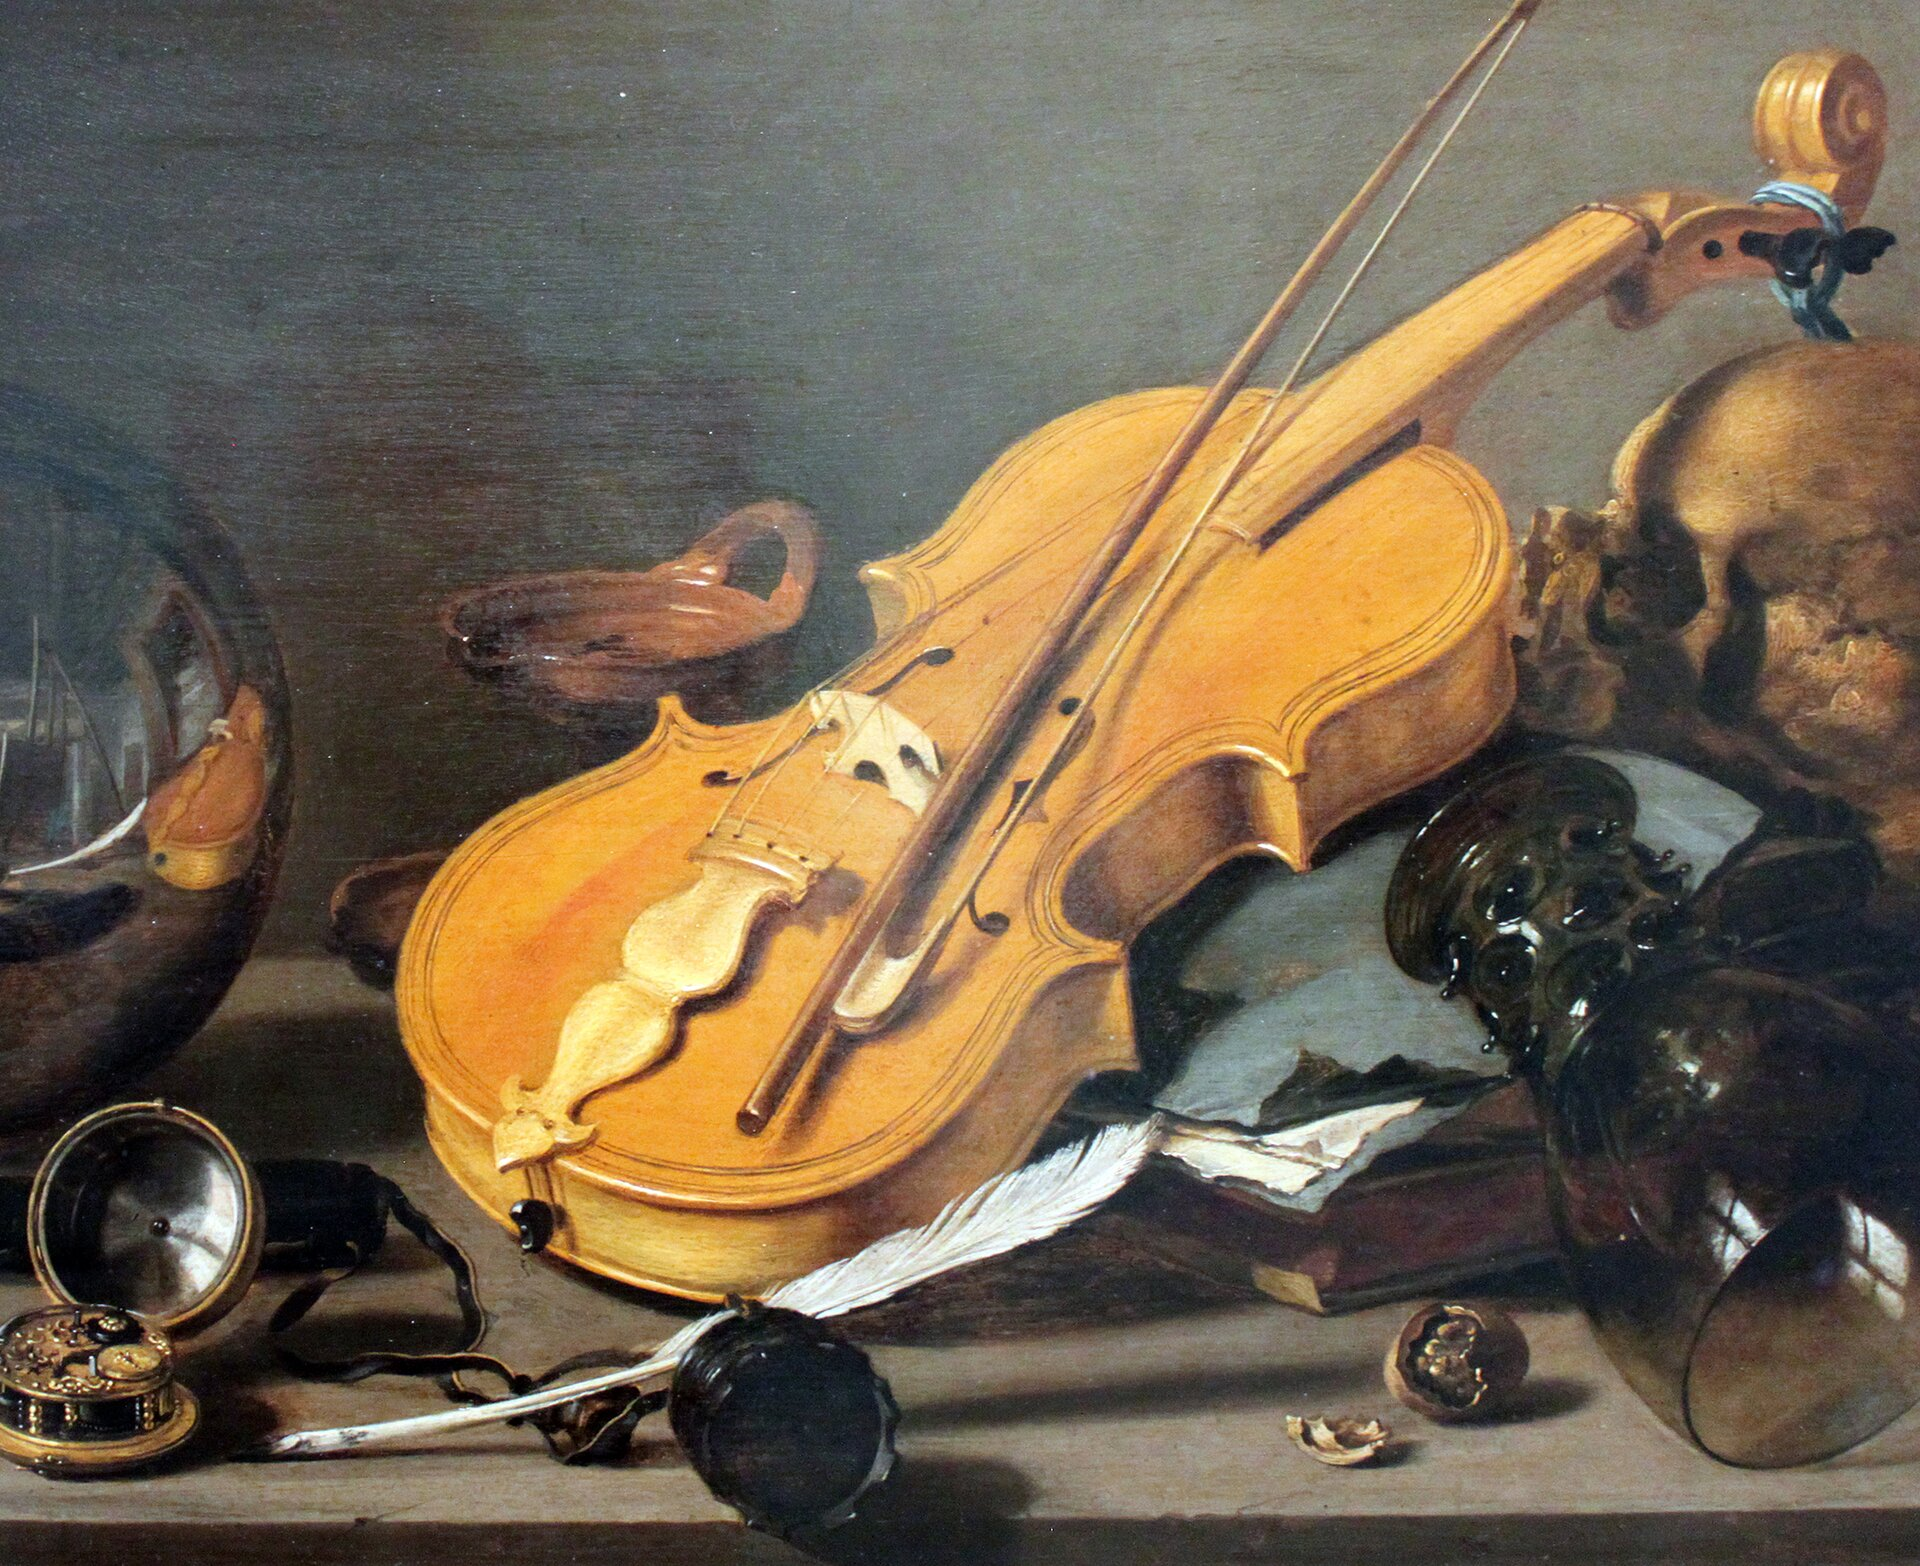 Martwa natura wanitatywna ze skrzypcami iszklaną kulą Źródło: Pieter Claesz, Martwa natura wanitatywna ze skrzypcami iszklaną kulą, 1628, olej na płótnie, domena publiczna.